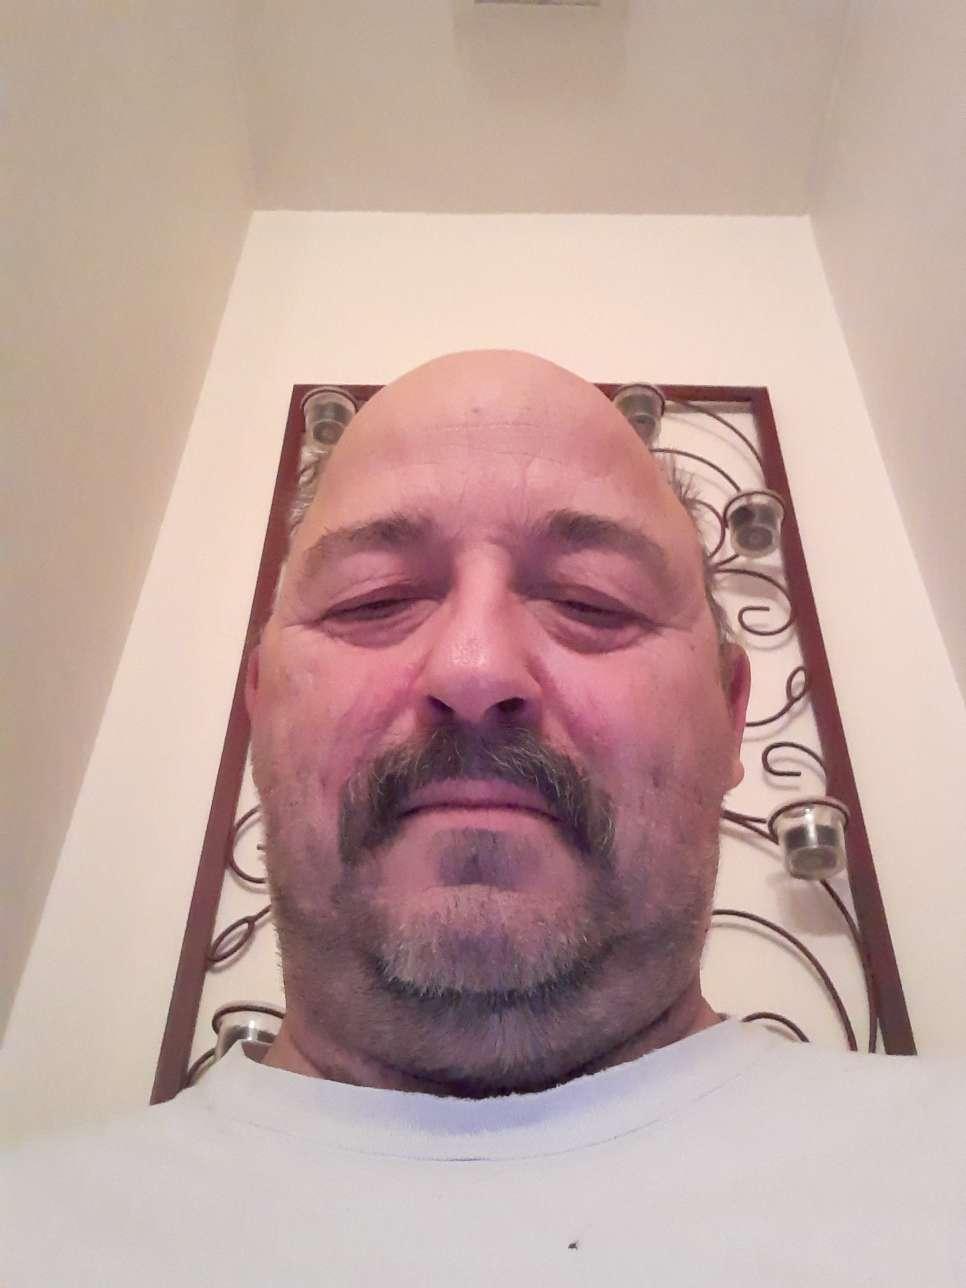 http://catch-app.oss-us-east-1.aliyuncs.com/image/7a5a35811a04c3624a9c89830e8cff6c.jpeg